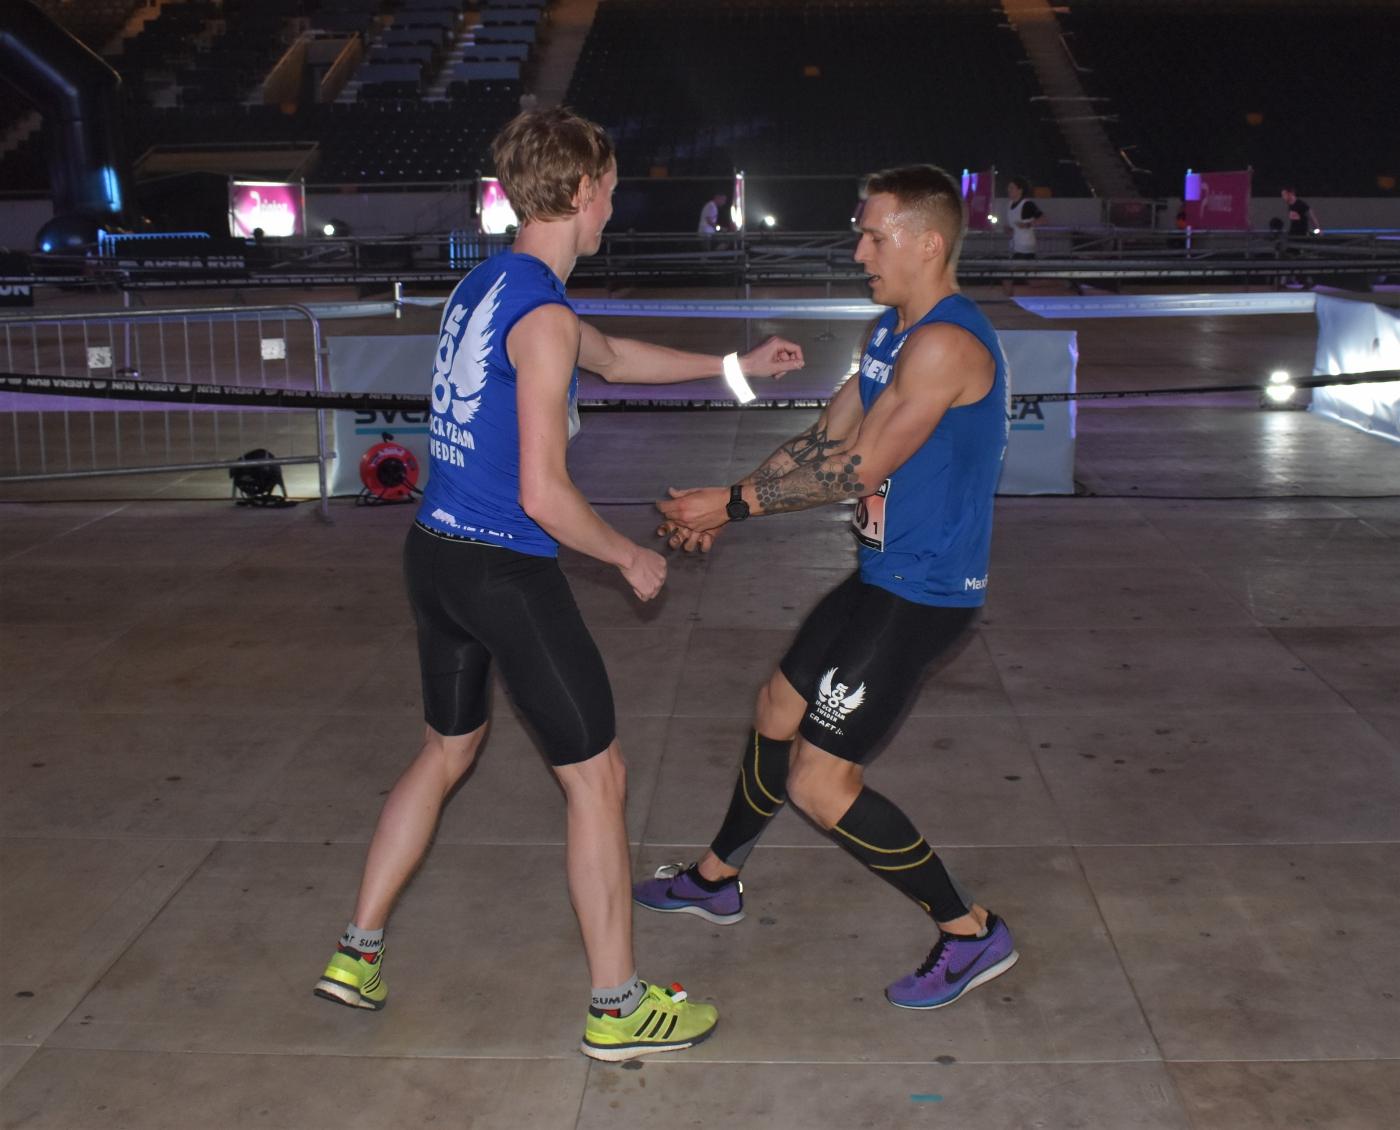 Arena Run 2020 #4